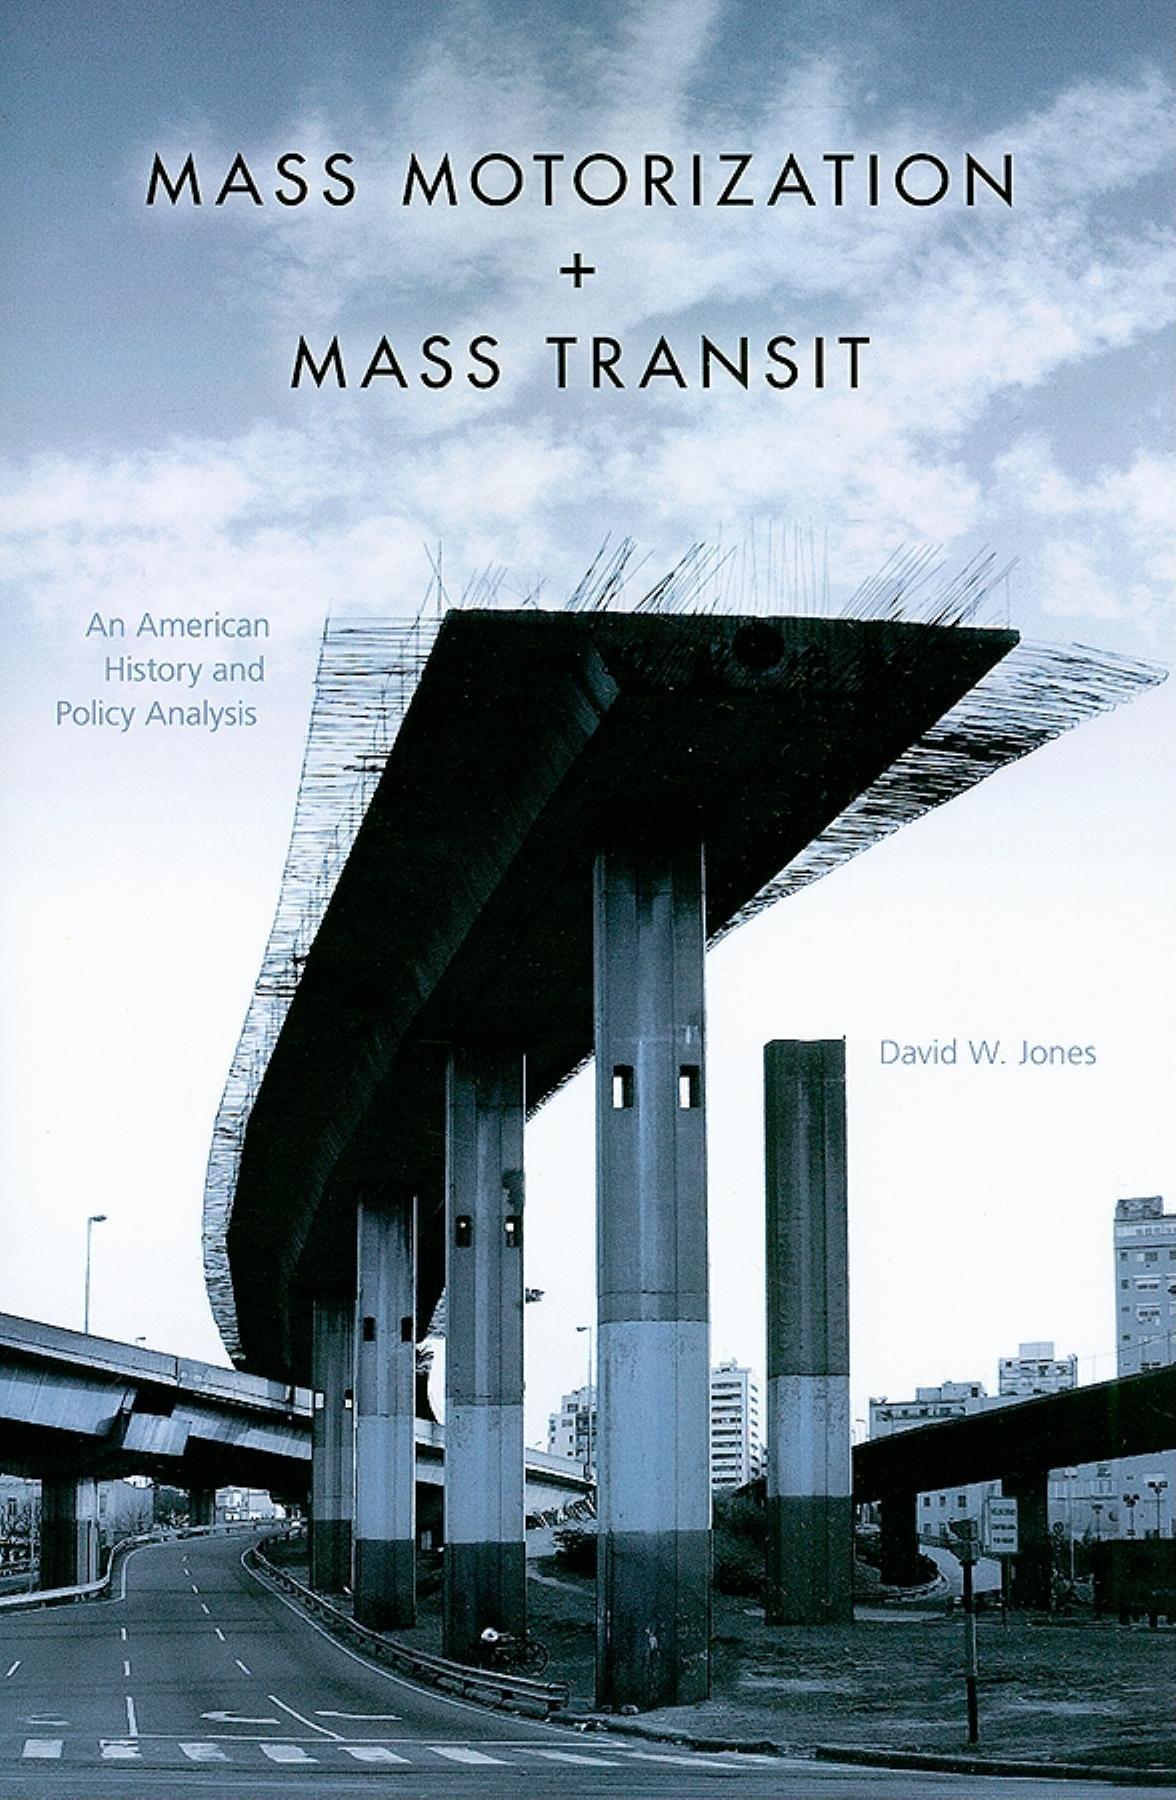 Mass Motorization and Mass Transit: An American History and Policy Analysis